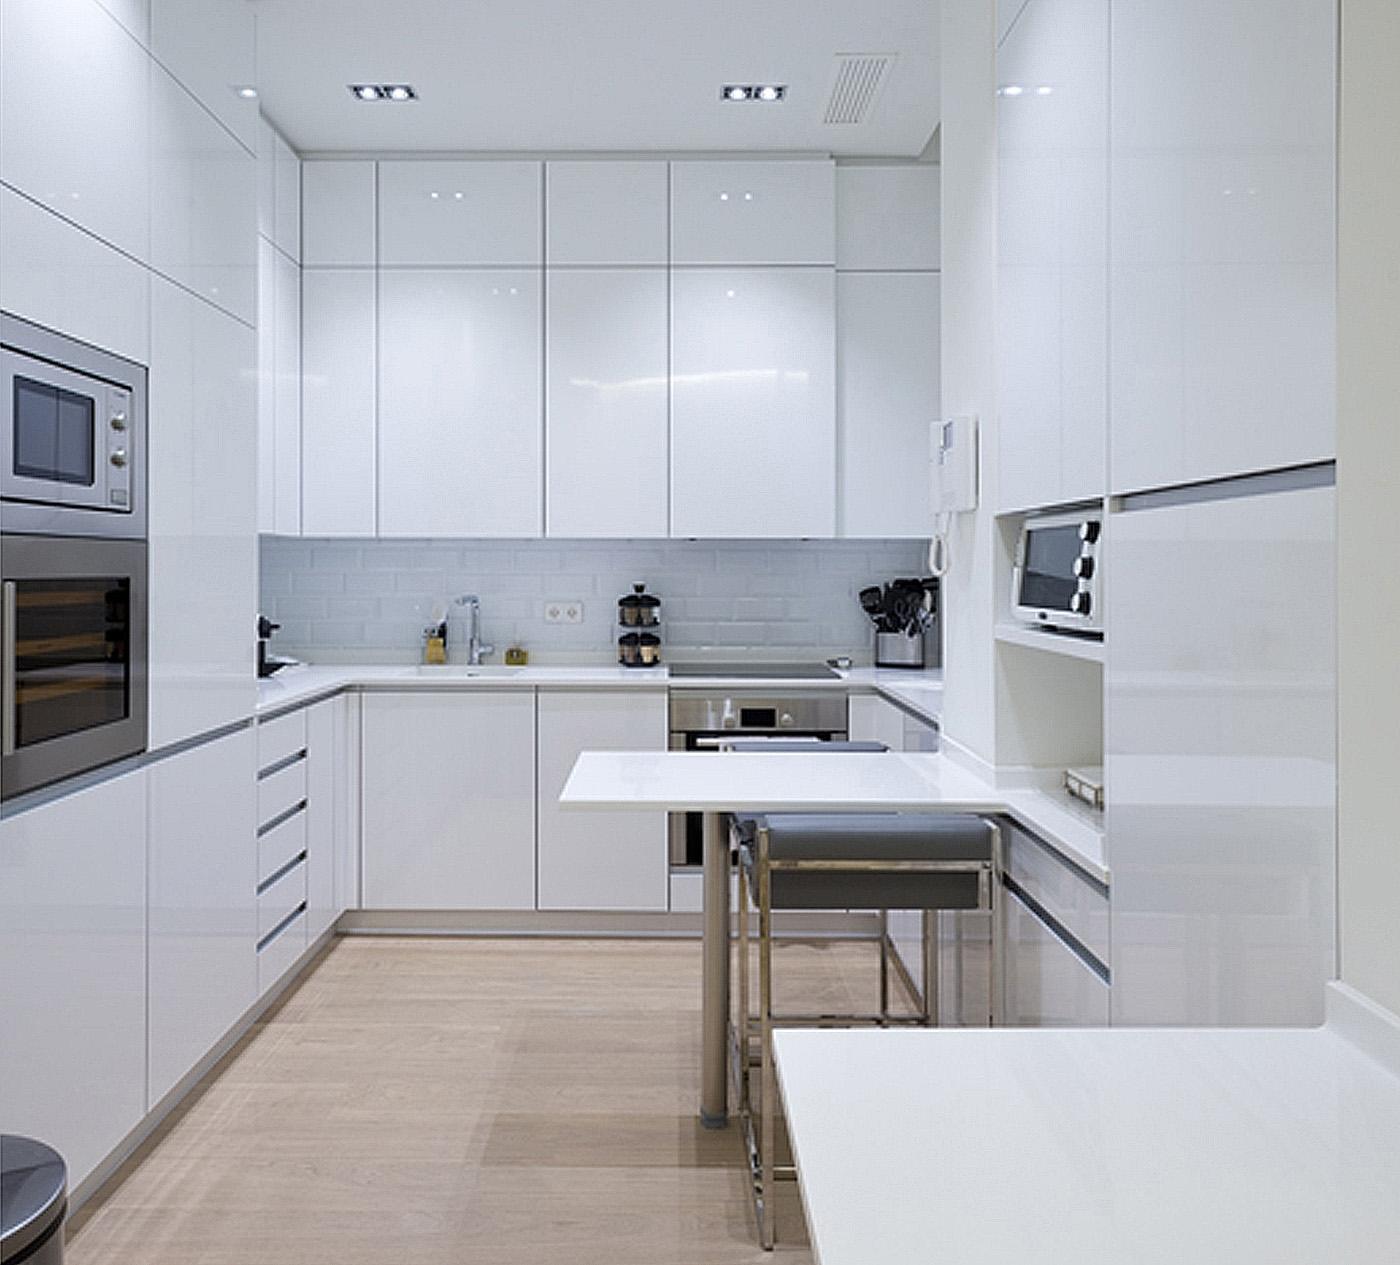 Imagenes de cocinas blancas fuente pinterest imagenes de for Decoracion cocinas blancas